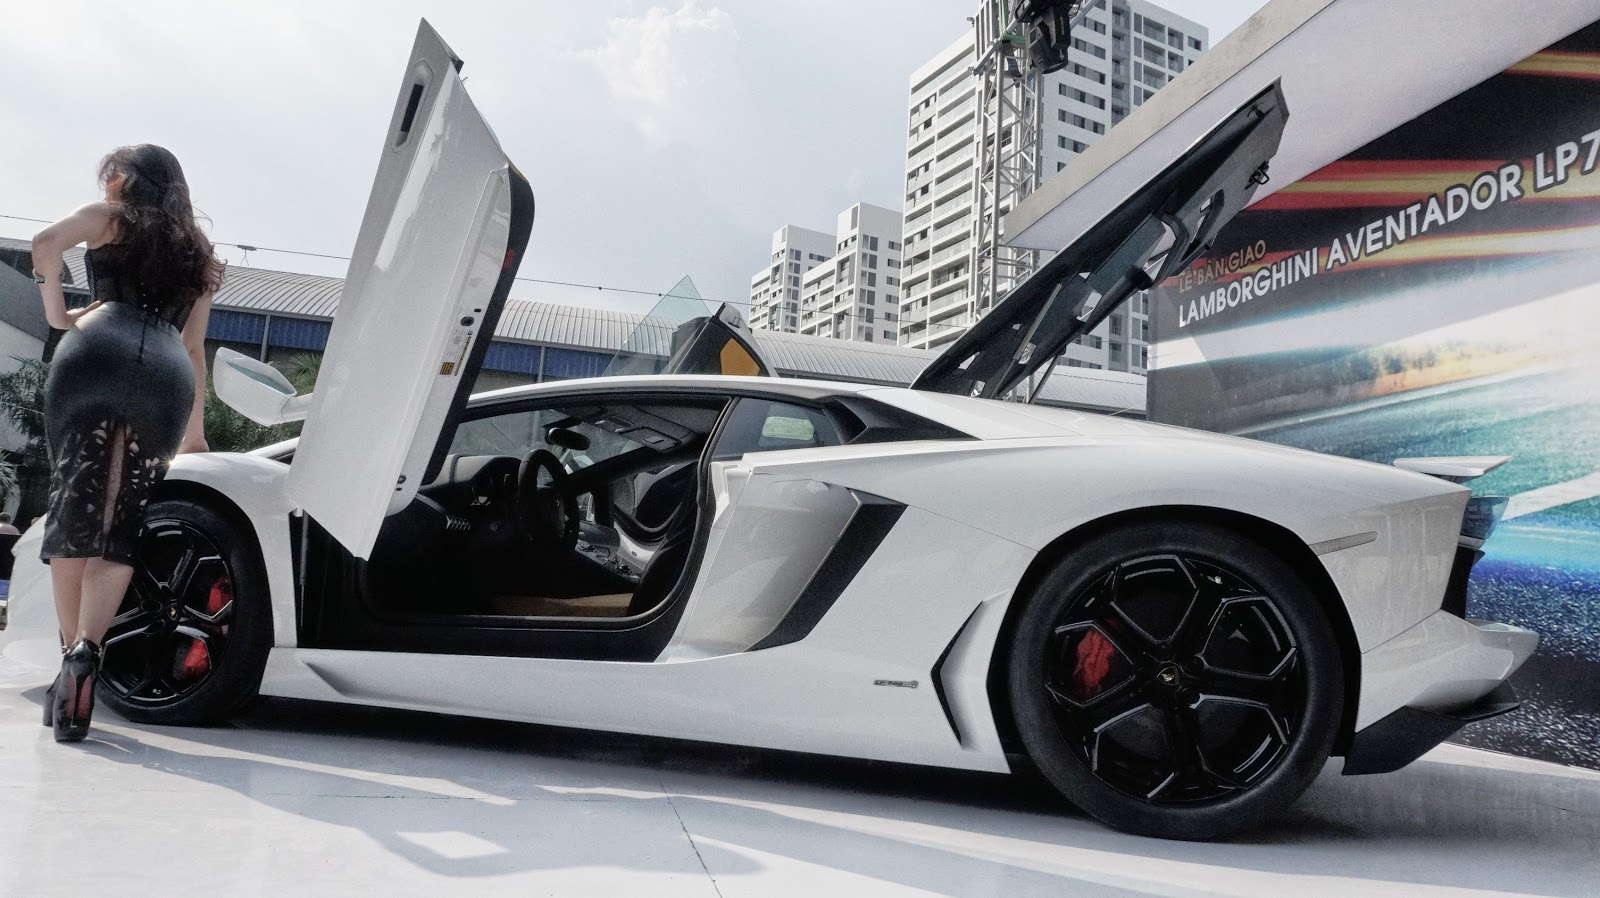 Siêu xe Lamborghini Aventador LP700-4